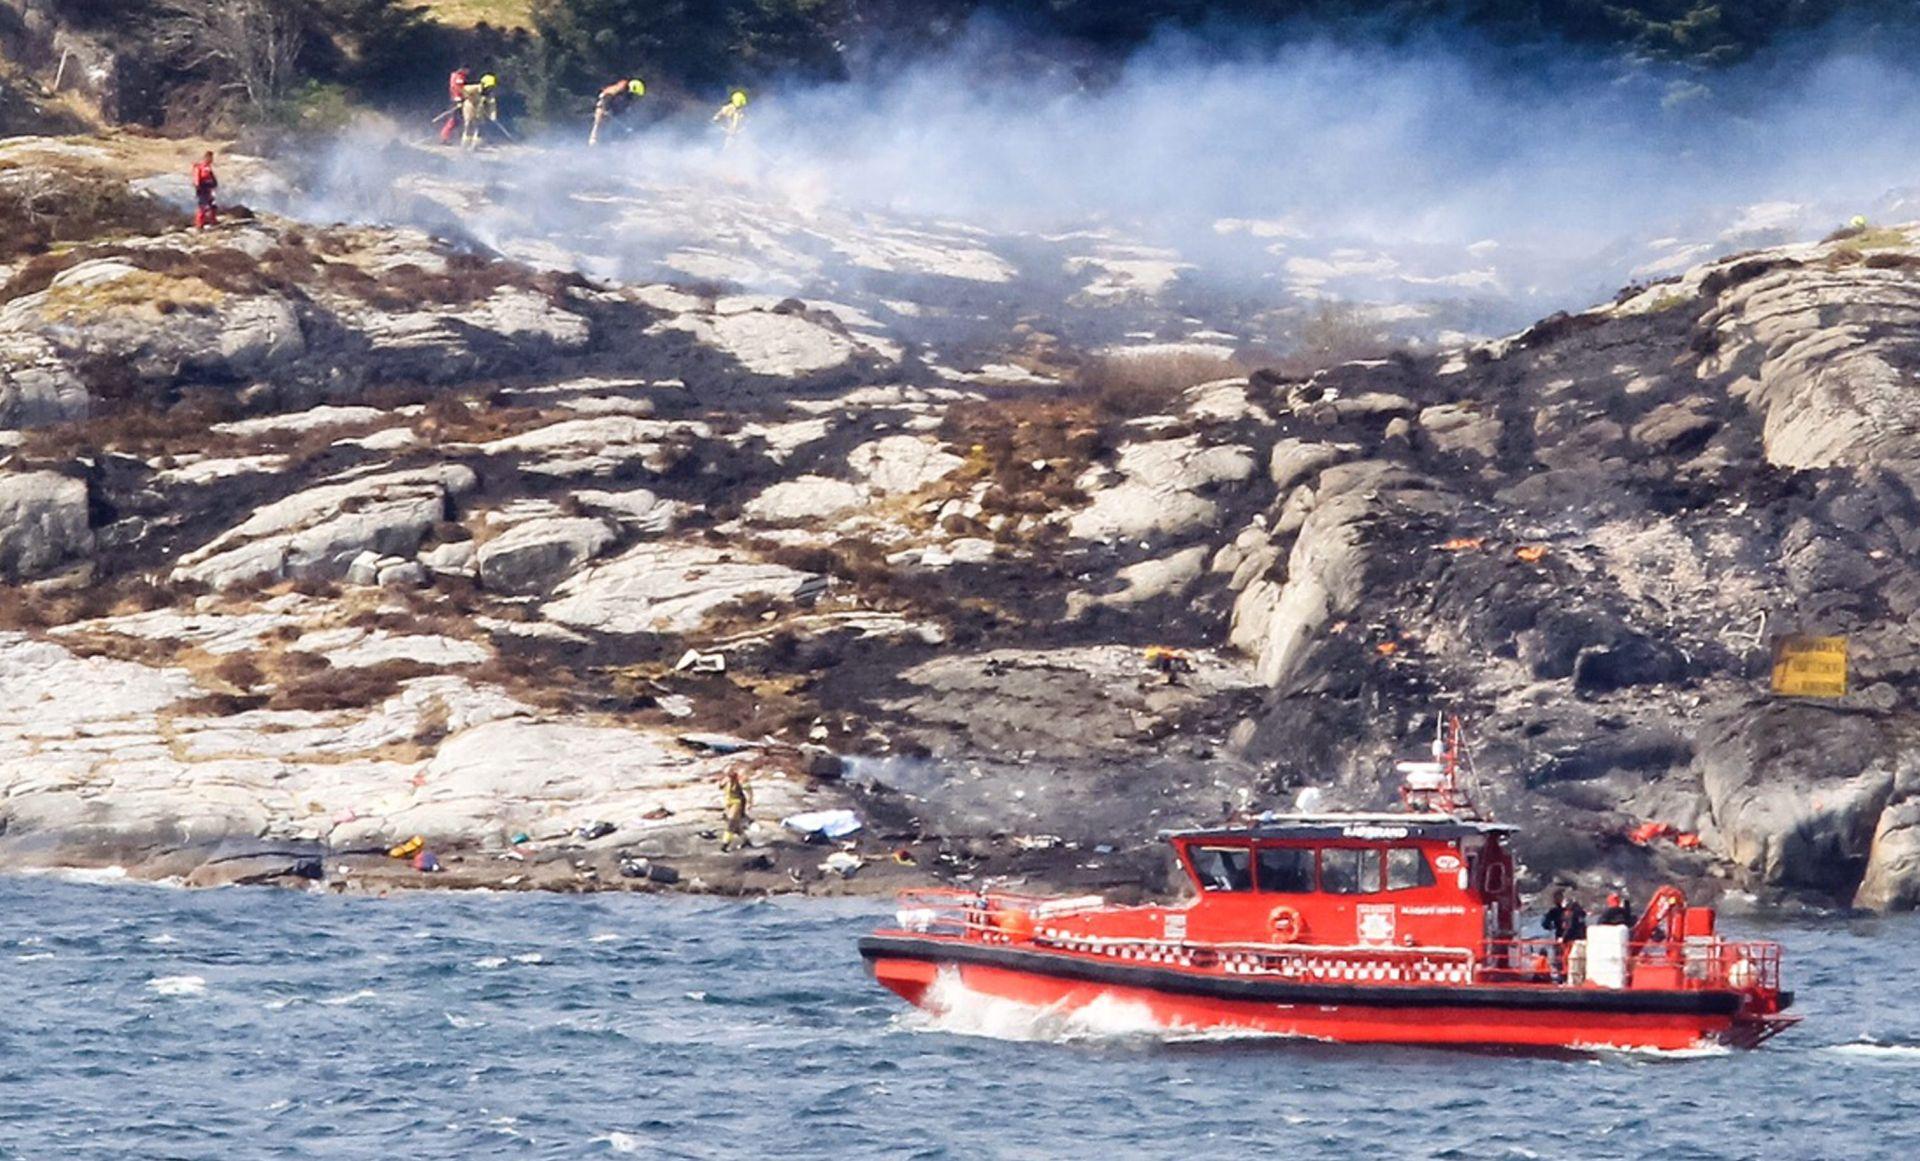 VELIKA NESREĆA U NORVEŠKOJ: Srušio se helikopter s 13 osoba,najmanje 11 mrtvih